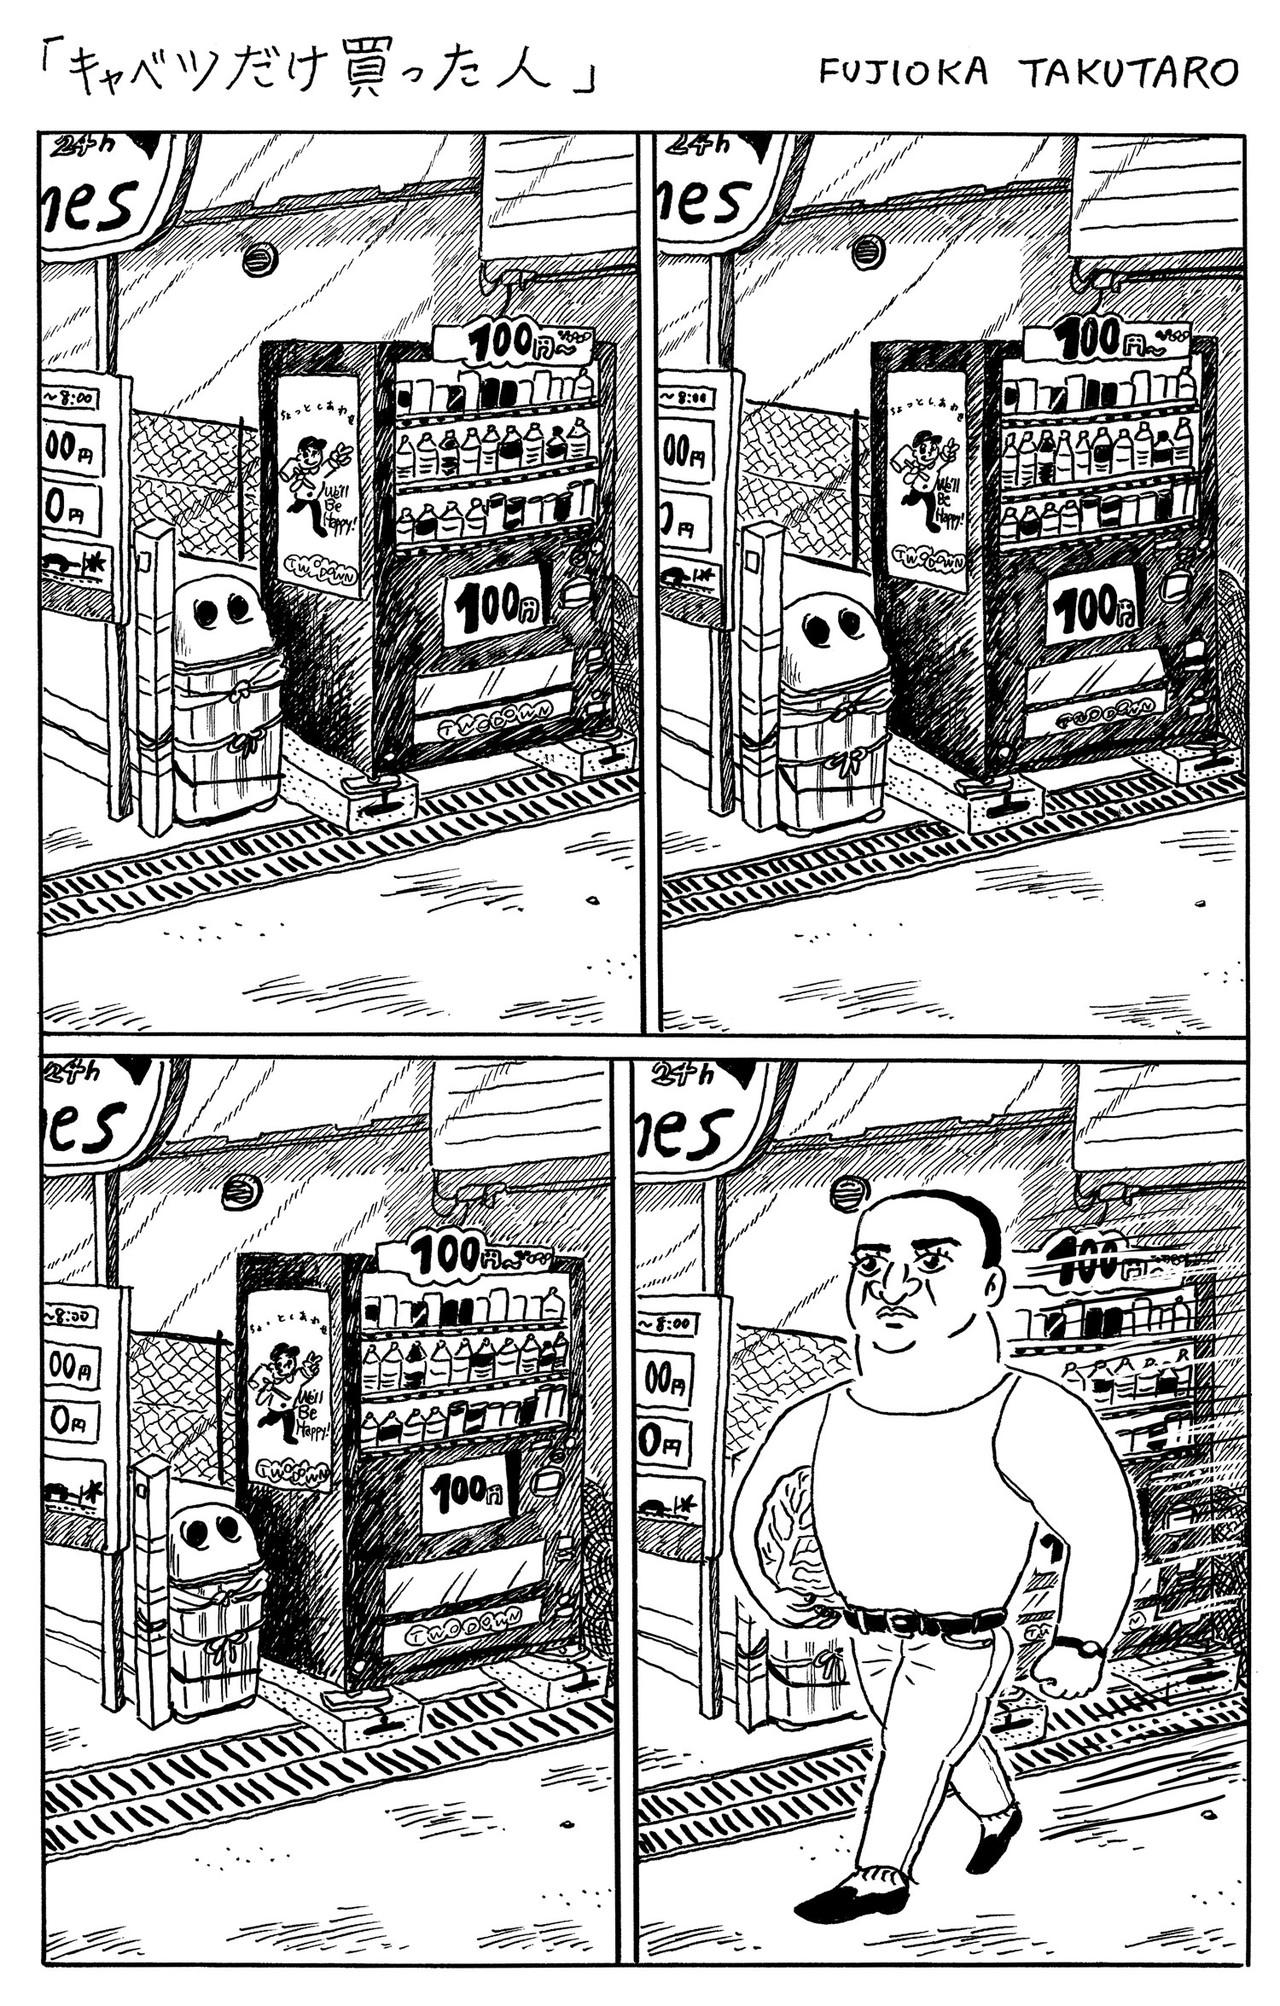 20190614_1ページ漫画_キャベツだけ買った人__R